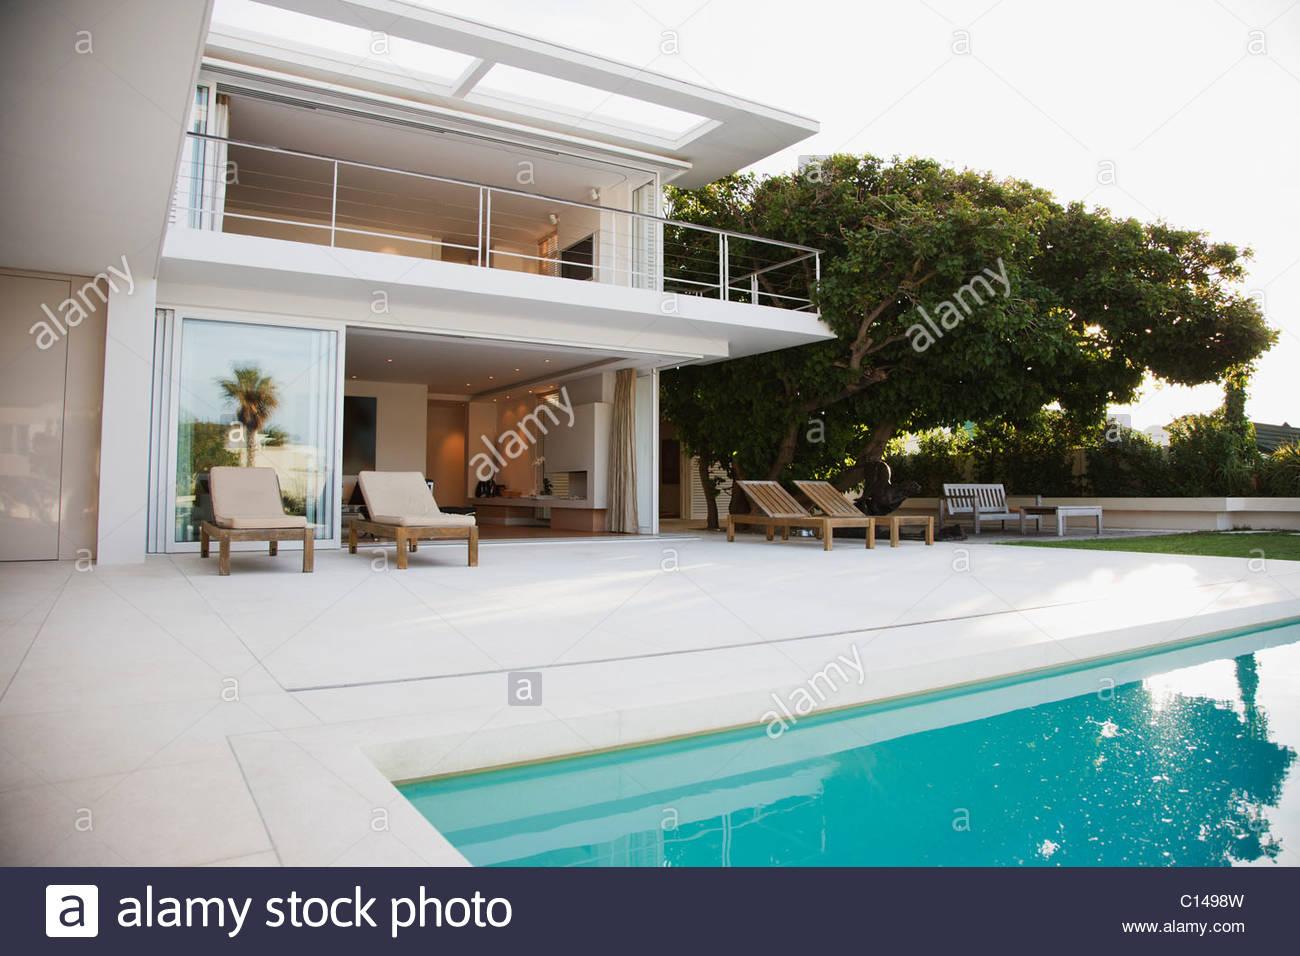 Modernes Haus und Terrasse neben dem Schwimmbad Stockfoto, Bild ...